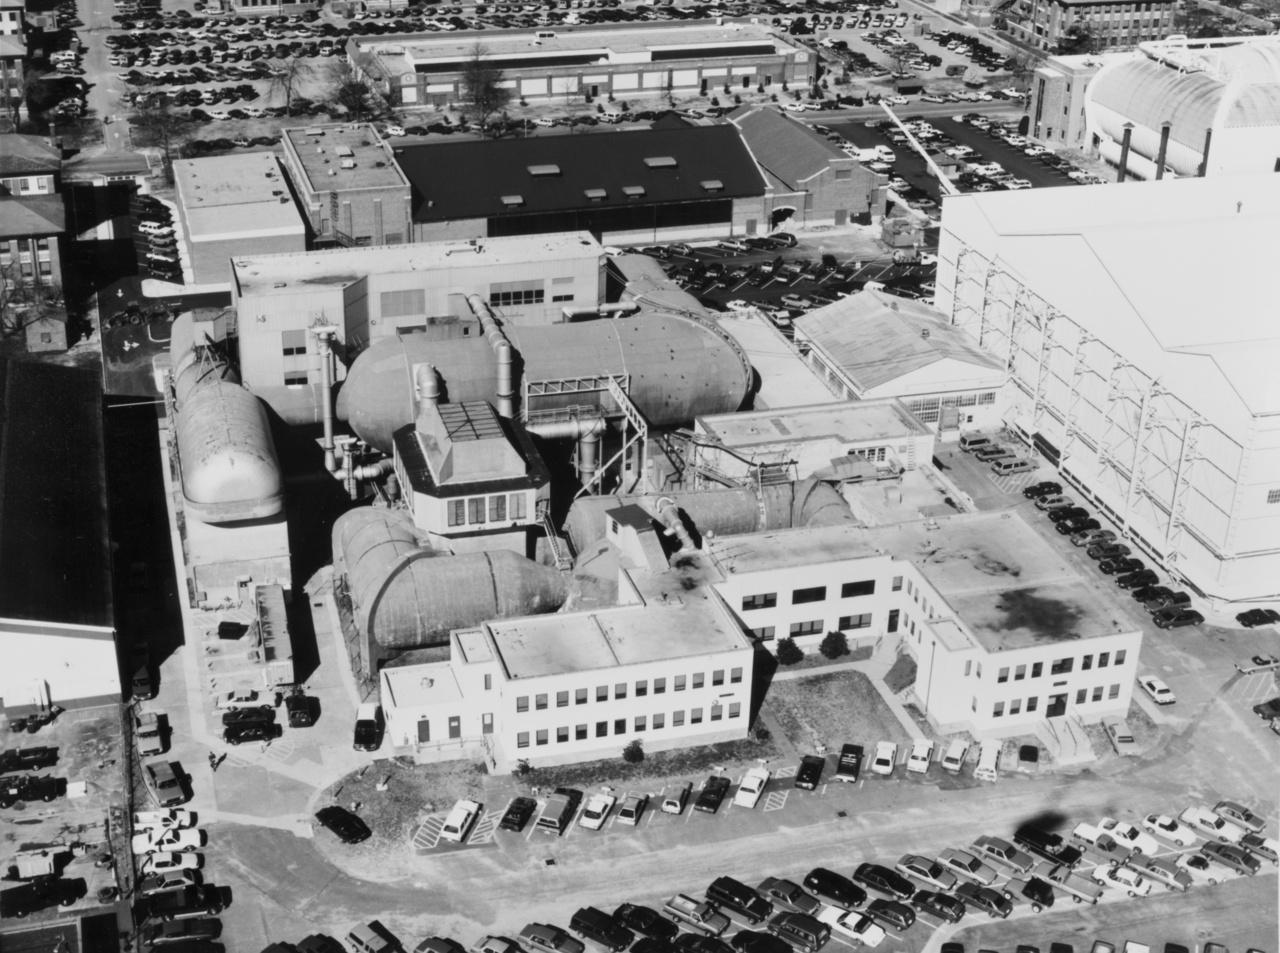 A Langley Kutatóközpont a nyolcvanas években. A hatalmas csövek a szélcsatornák.